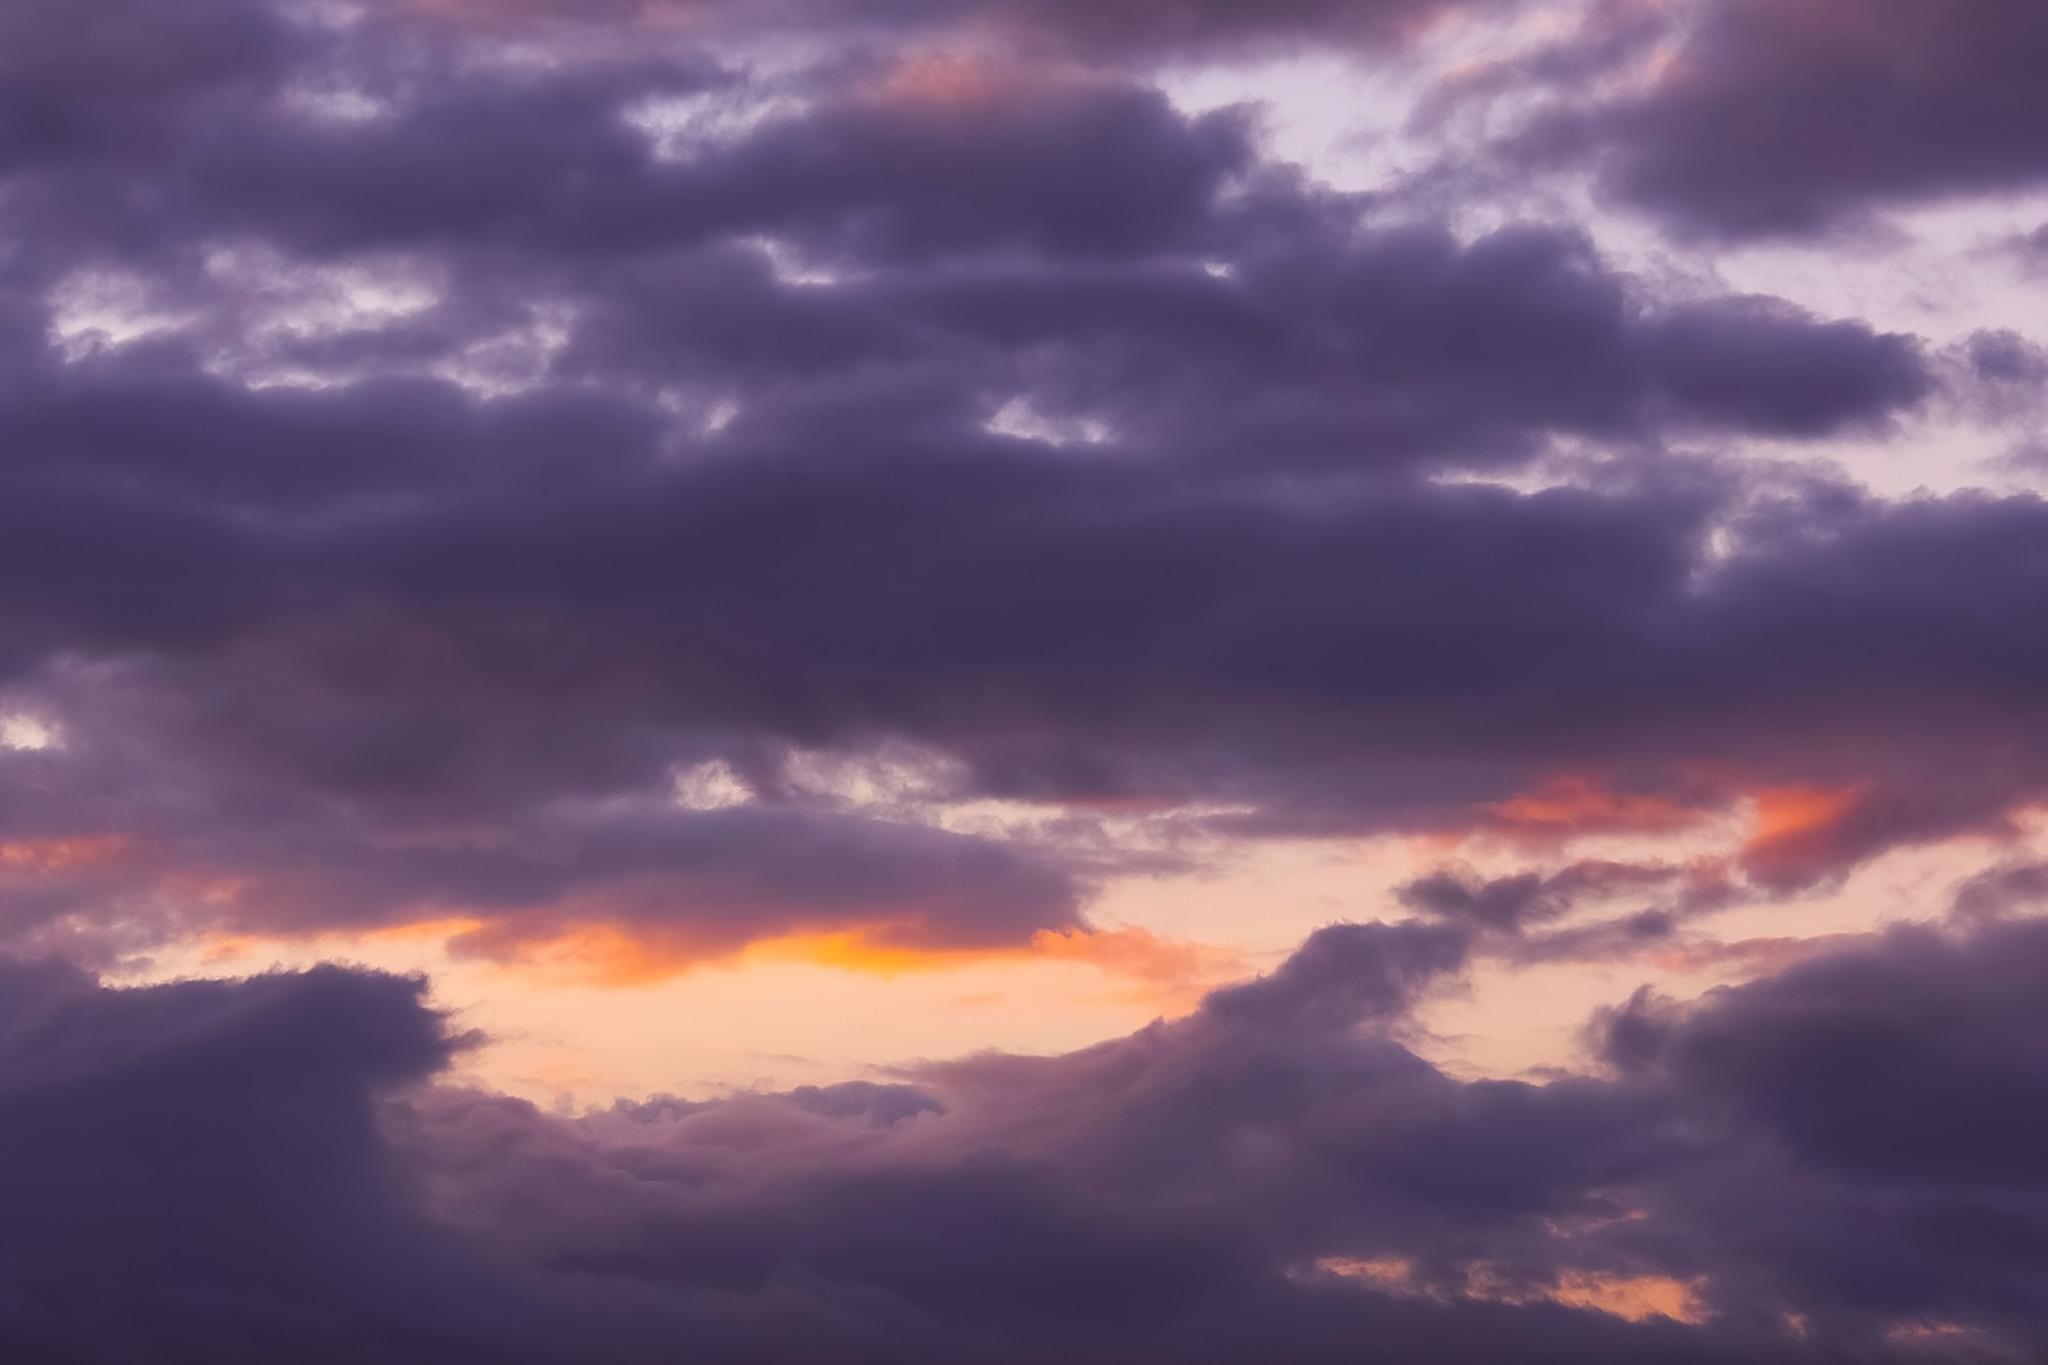 「深紫の雲が夕焼けの空に重なる」